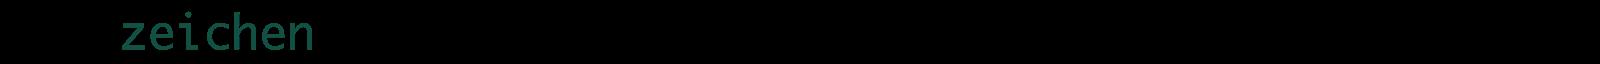 latzzeichen